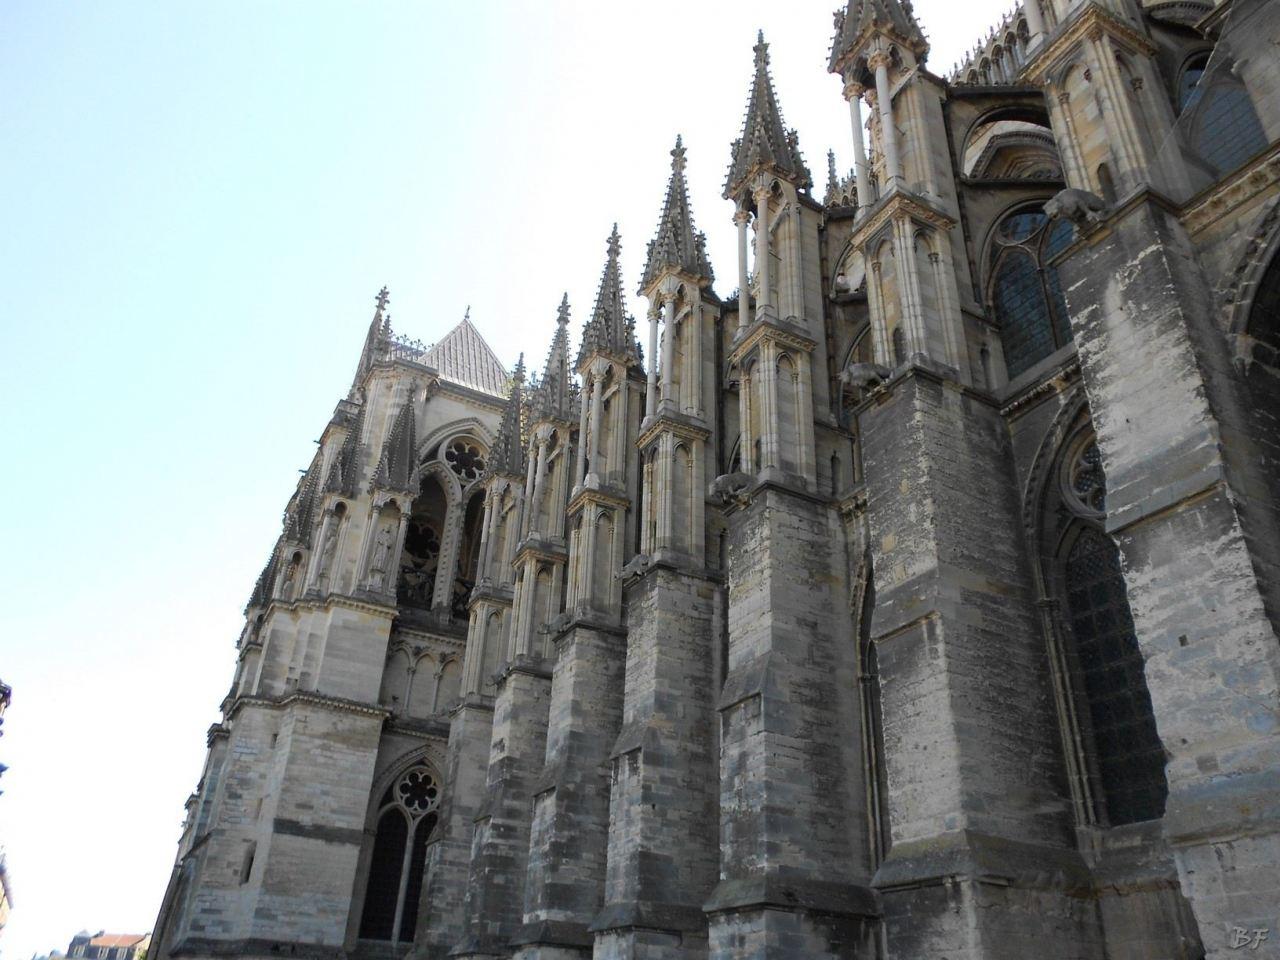 Cattedrale-Gotica-della-Vergine-di-Reims-Marne-Gran-Est-Francia-5